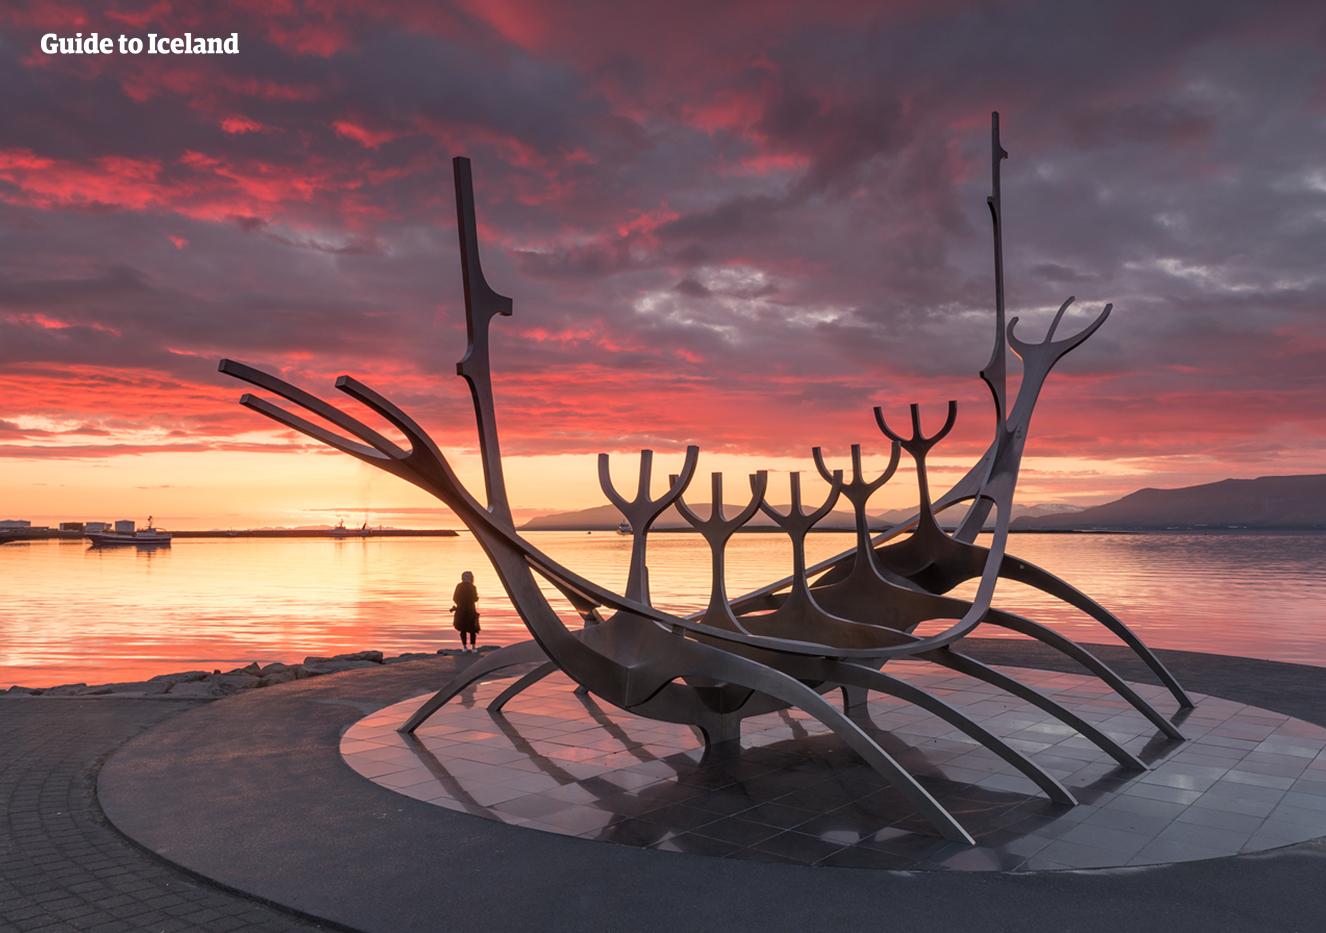 Le Sun Voyager se trouve au bord de l'océan à Reykjavik, non loin de la salle de concert Harpa.